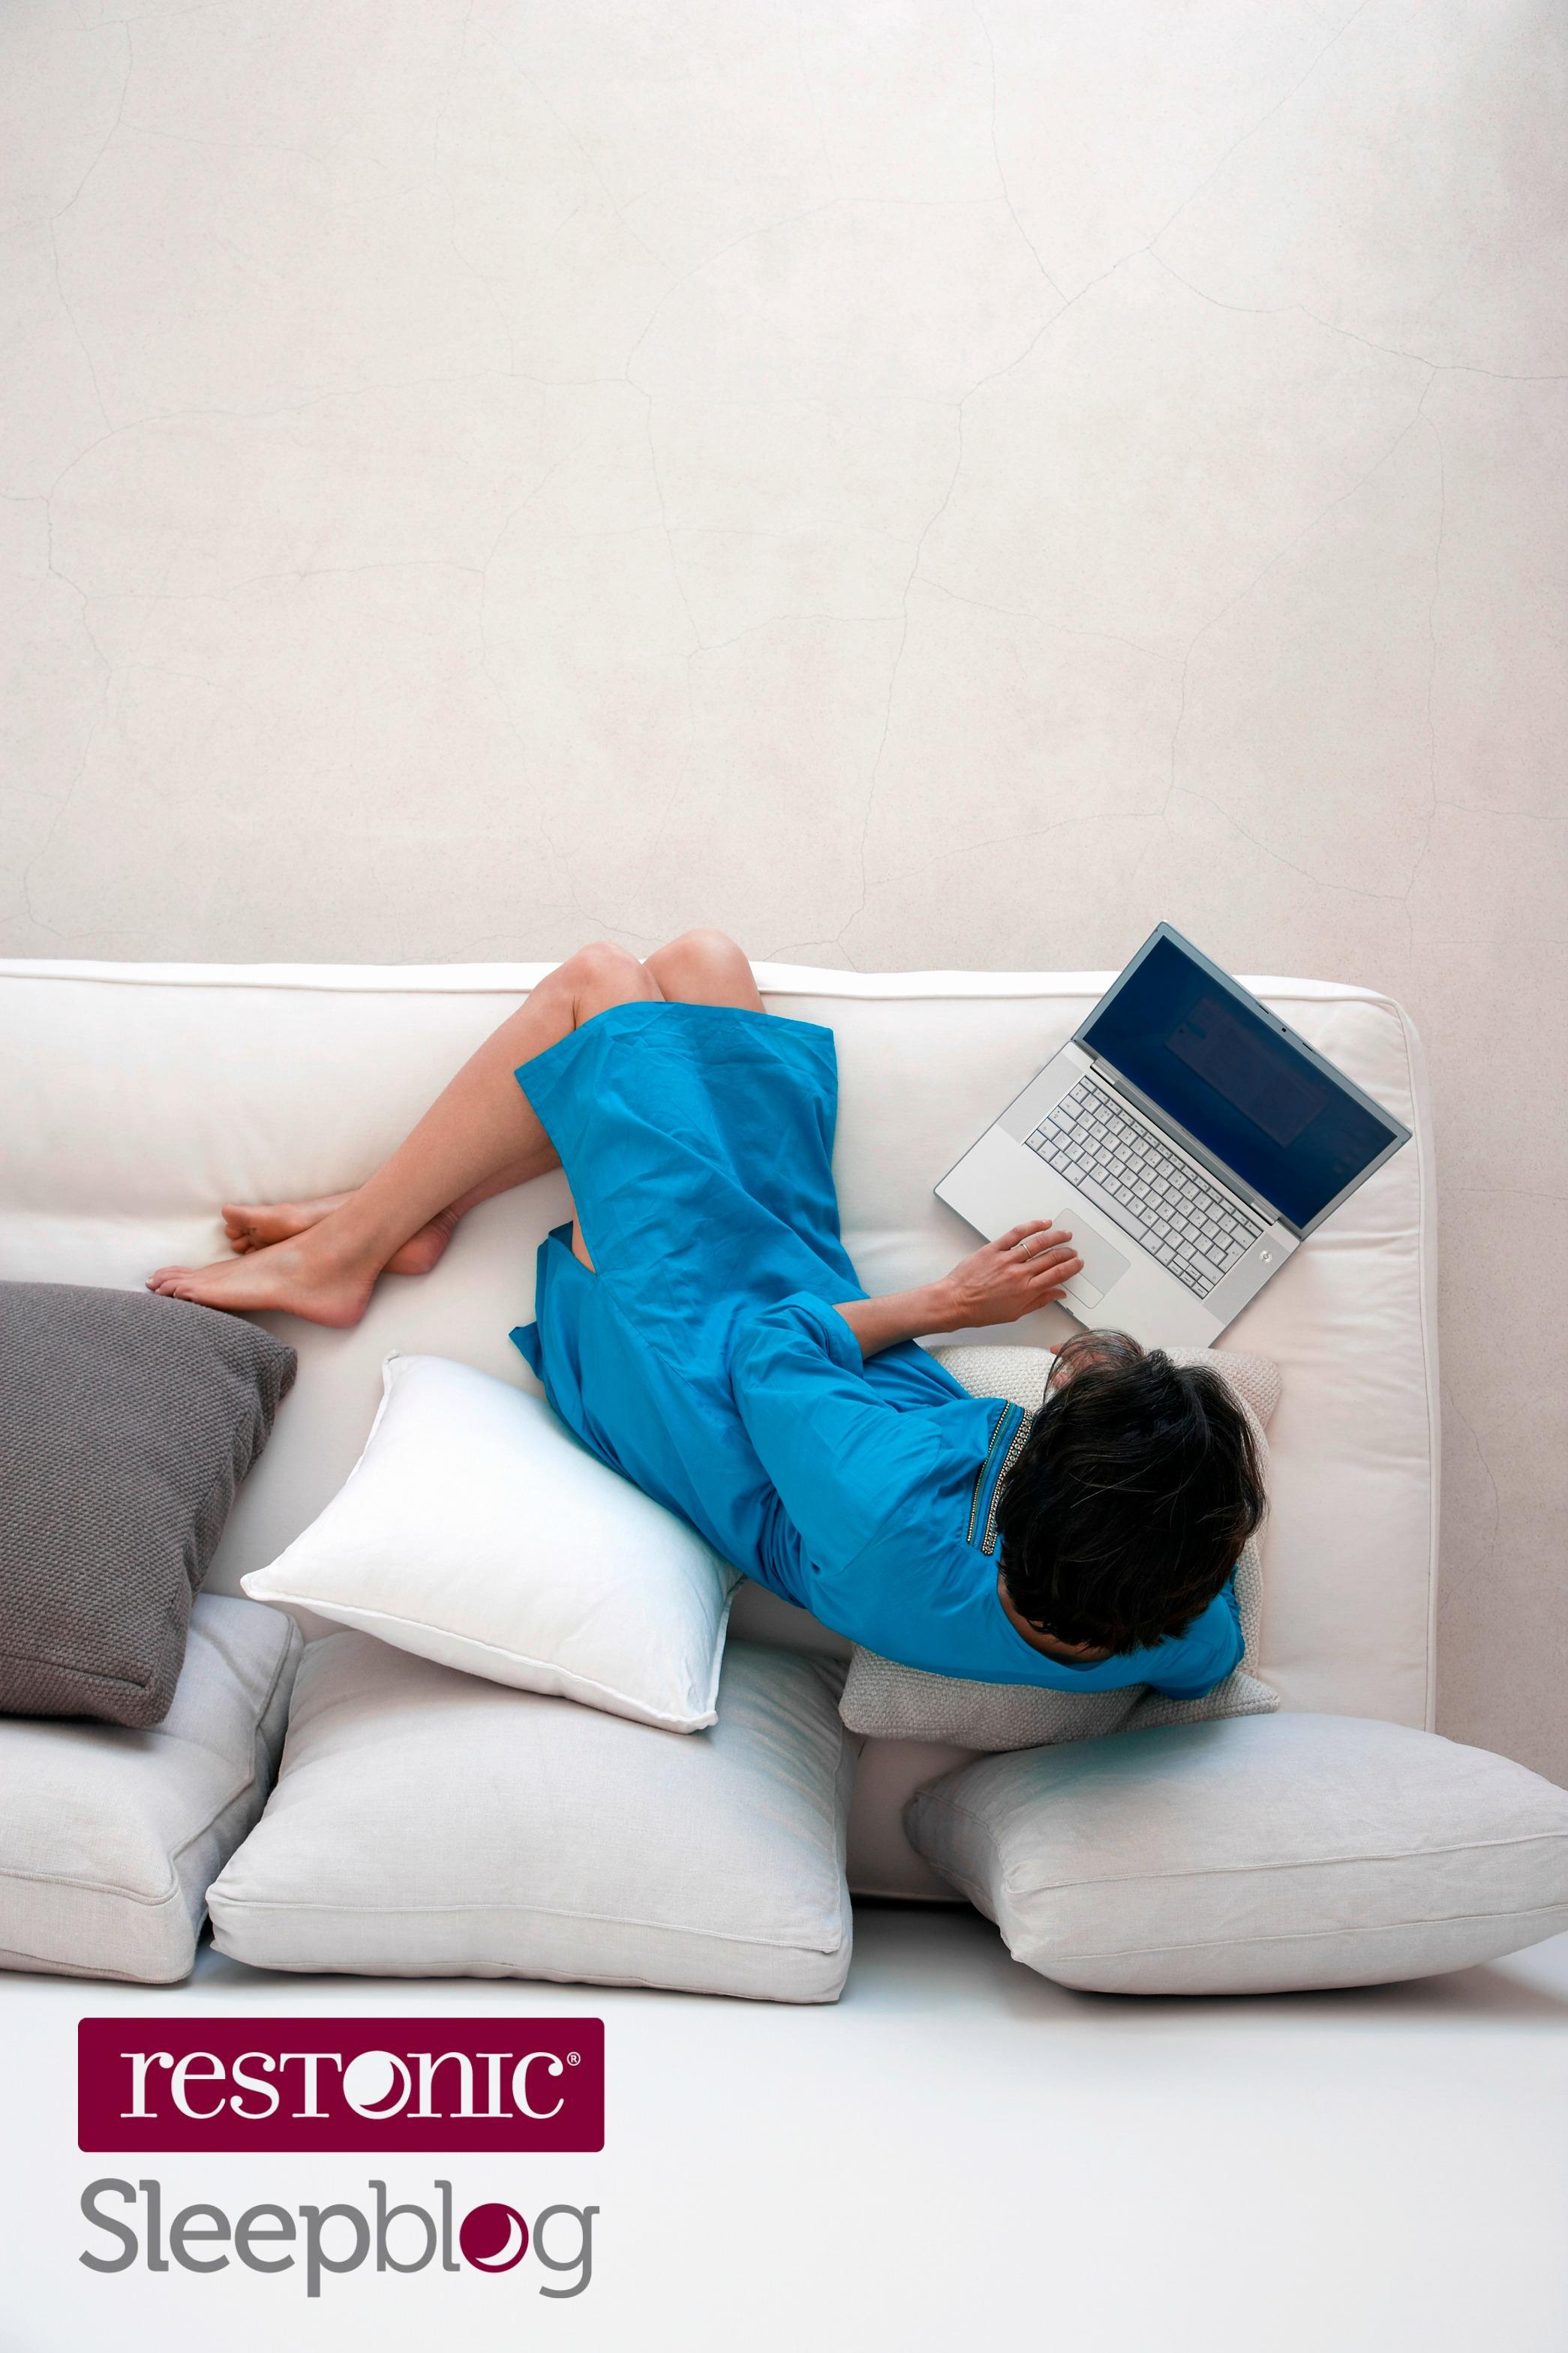 gel mattresses double luxury mattress softtex bed pad reviews pillow loft top restonic fiber